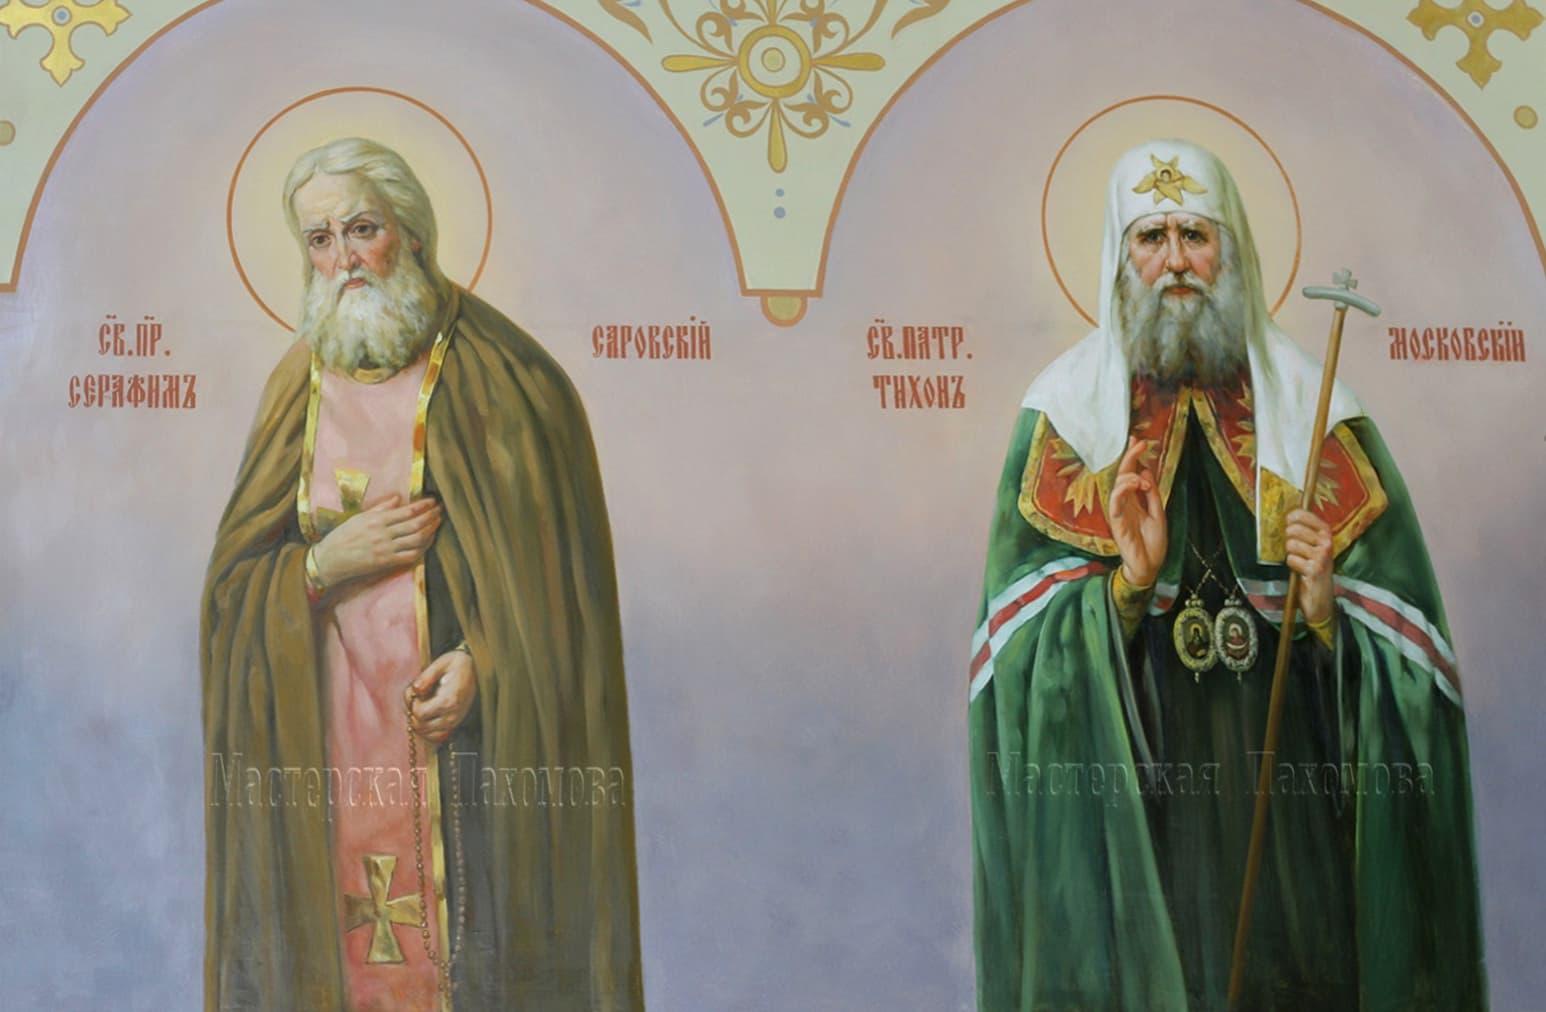 Святой Серафим Саровский , Святой Патриарх Тихон Московский